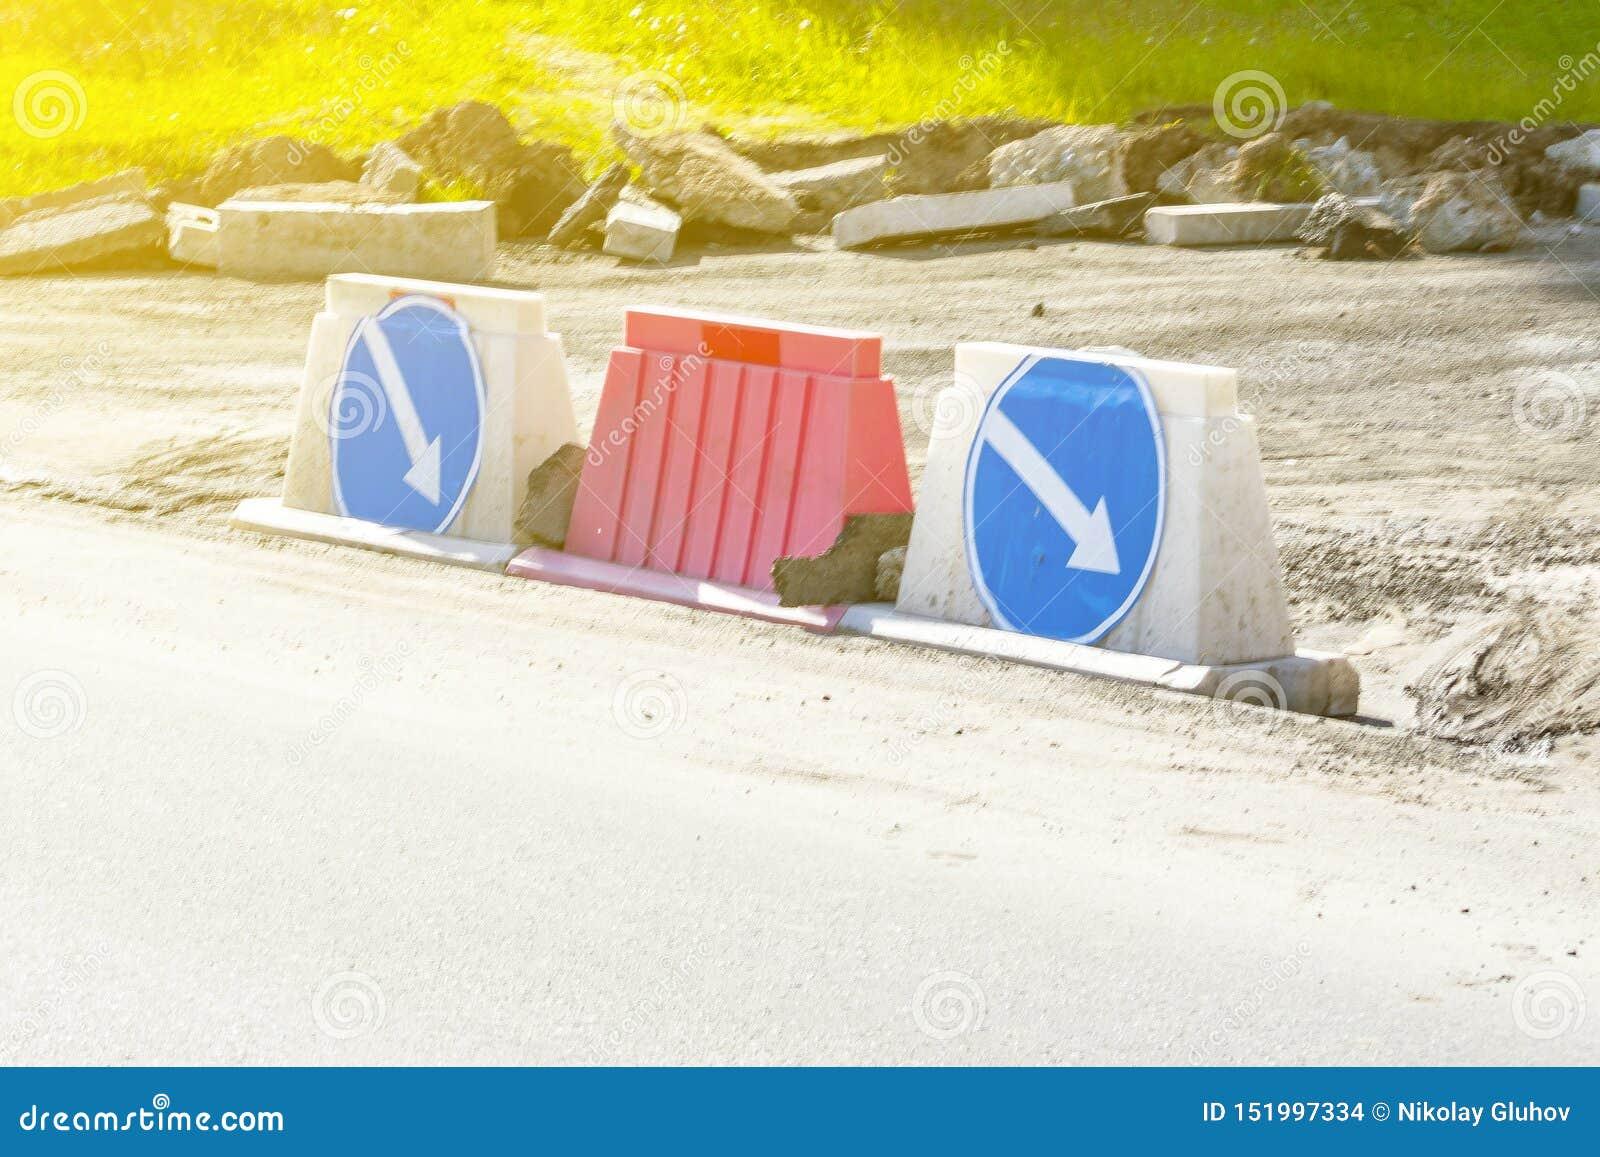 Chevauchements et panneaux routiers en plastique de bornes de route avec des flèches sur un fond bleu - détour vers la droite